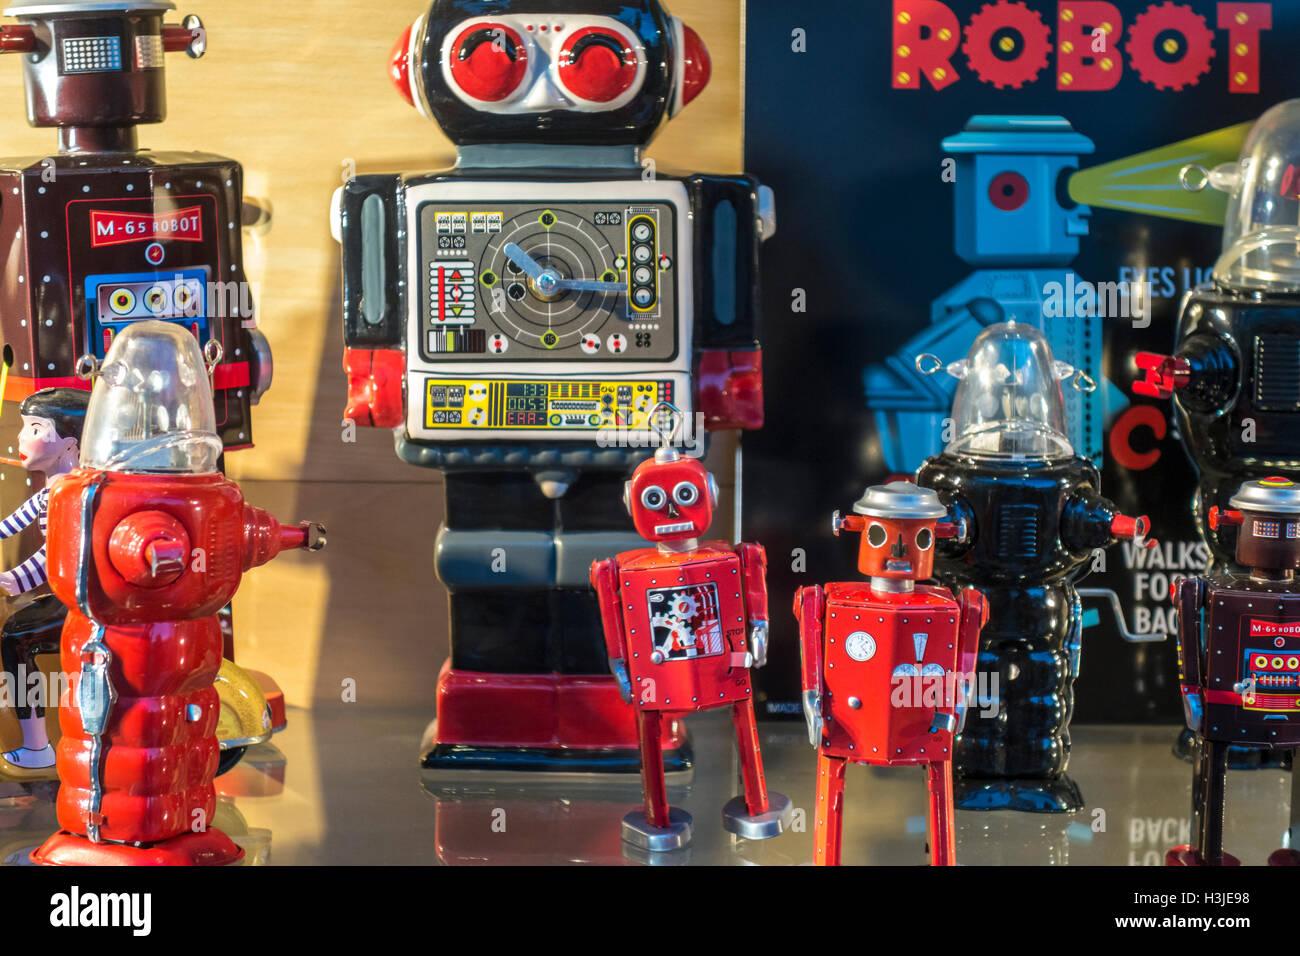 Groupe de jouets Robot rétro. Vintage tin robots sur l'affichage. Photo Stock